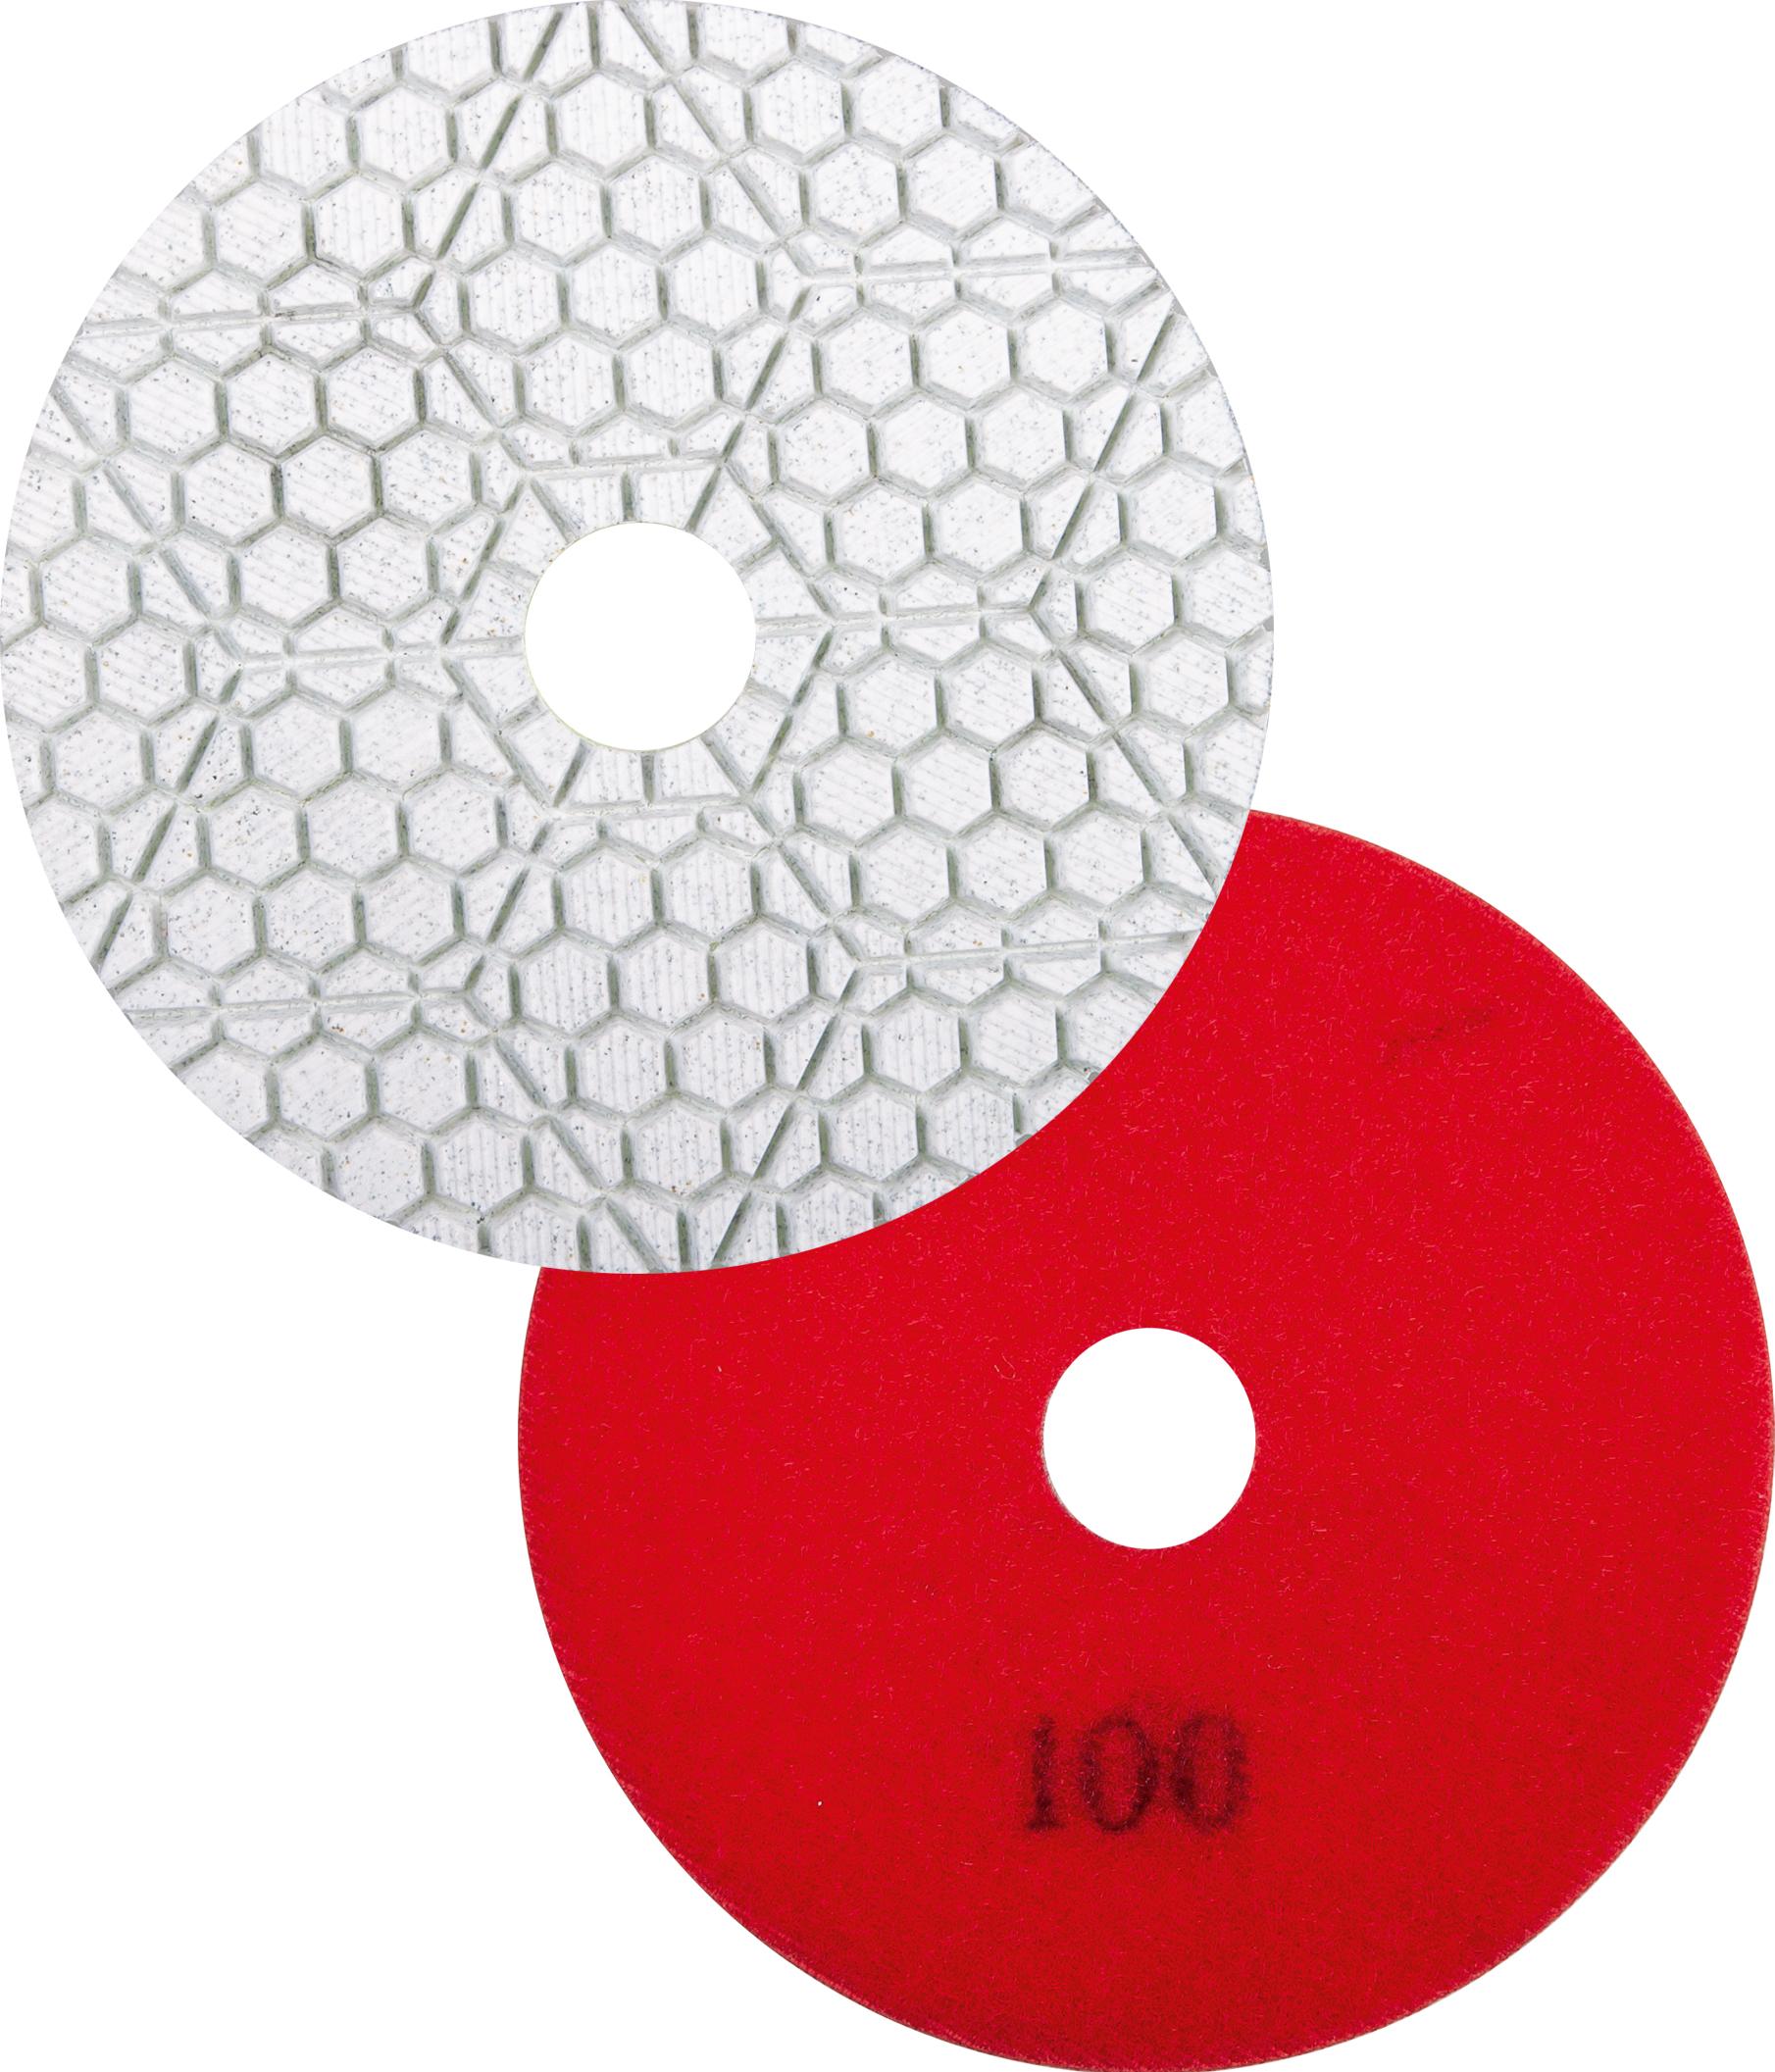 DIAREX Schleifbelag ADR 7-Step ø 100 mm   Korn 100